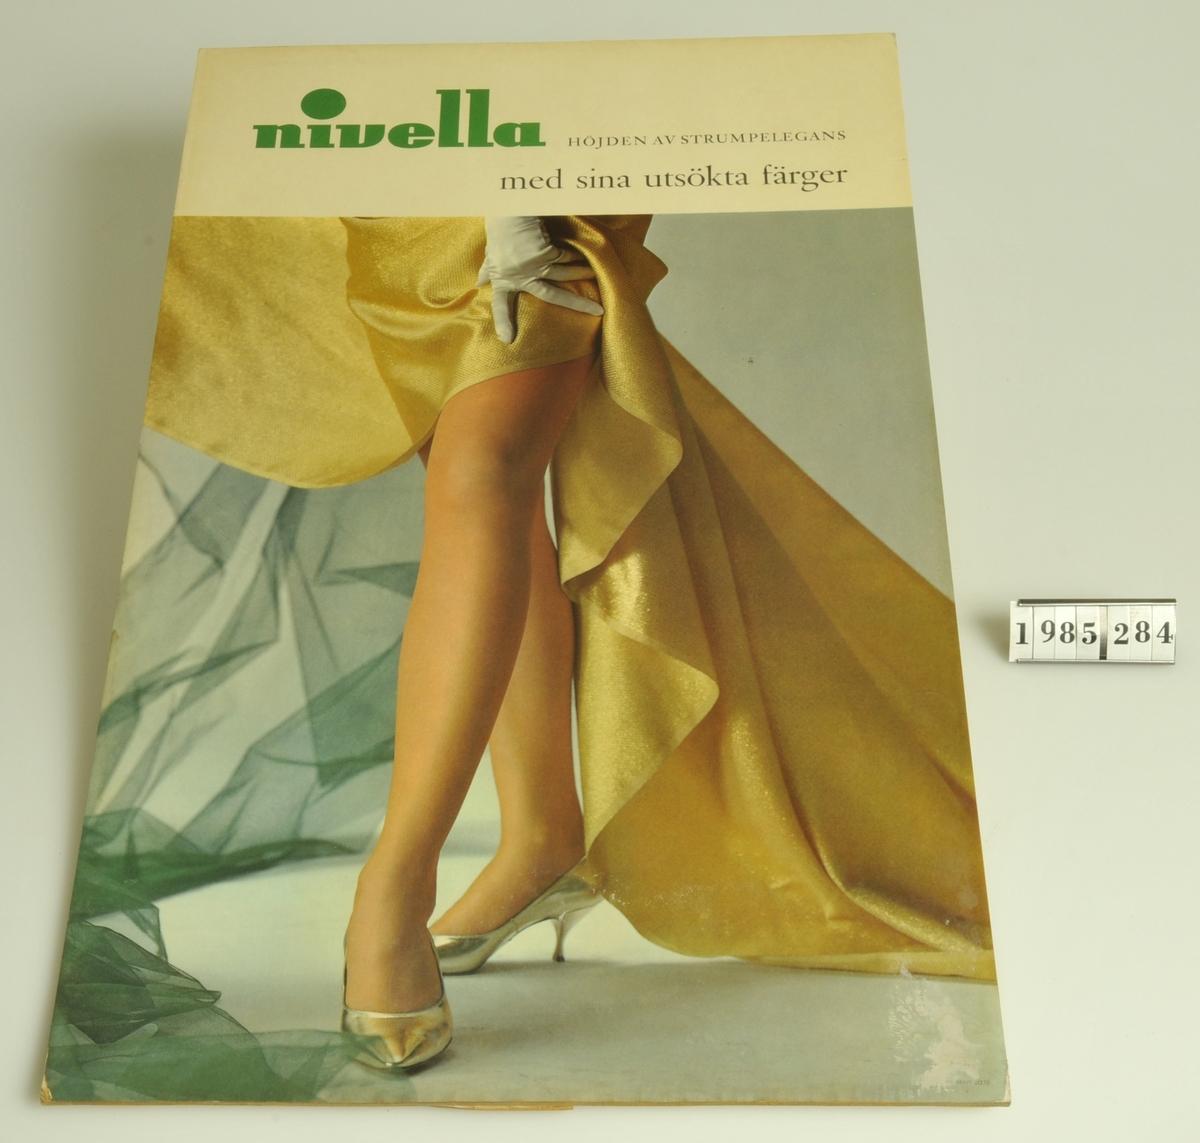 """Text: """"Nivella höjden av strumpelegans med sina utsökta färger"""".  Motiv: Damben:: draperat tyg."""